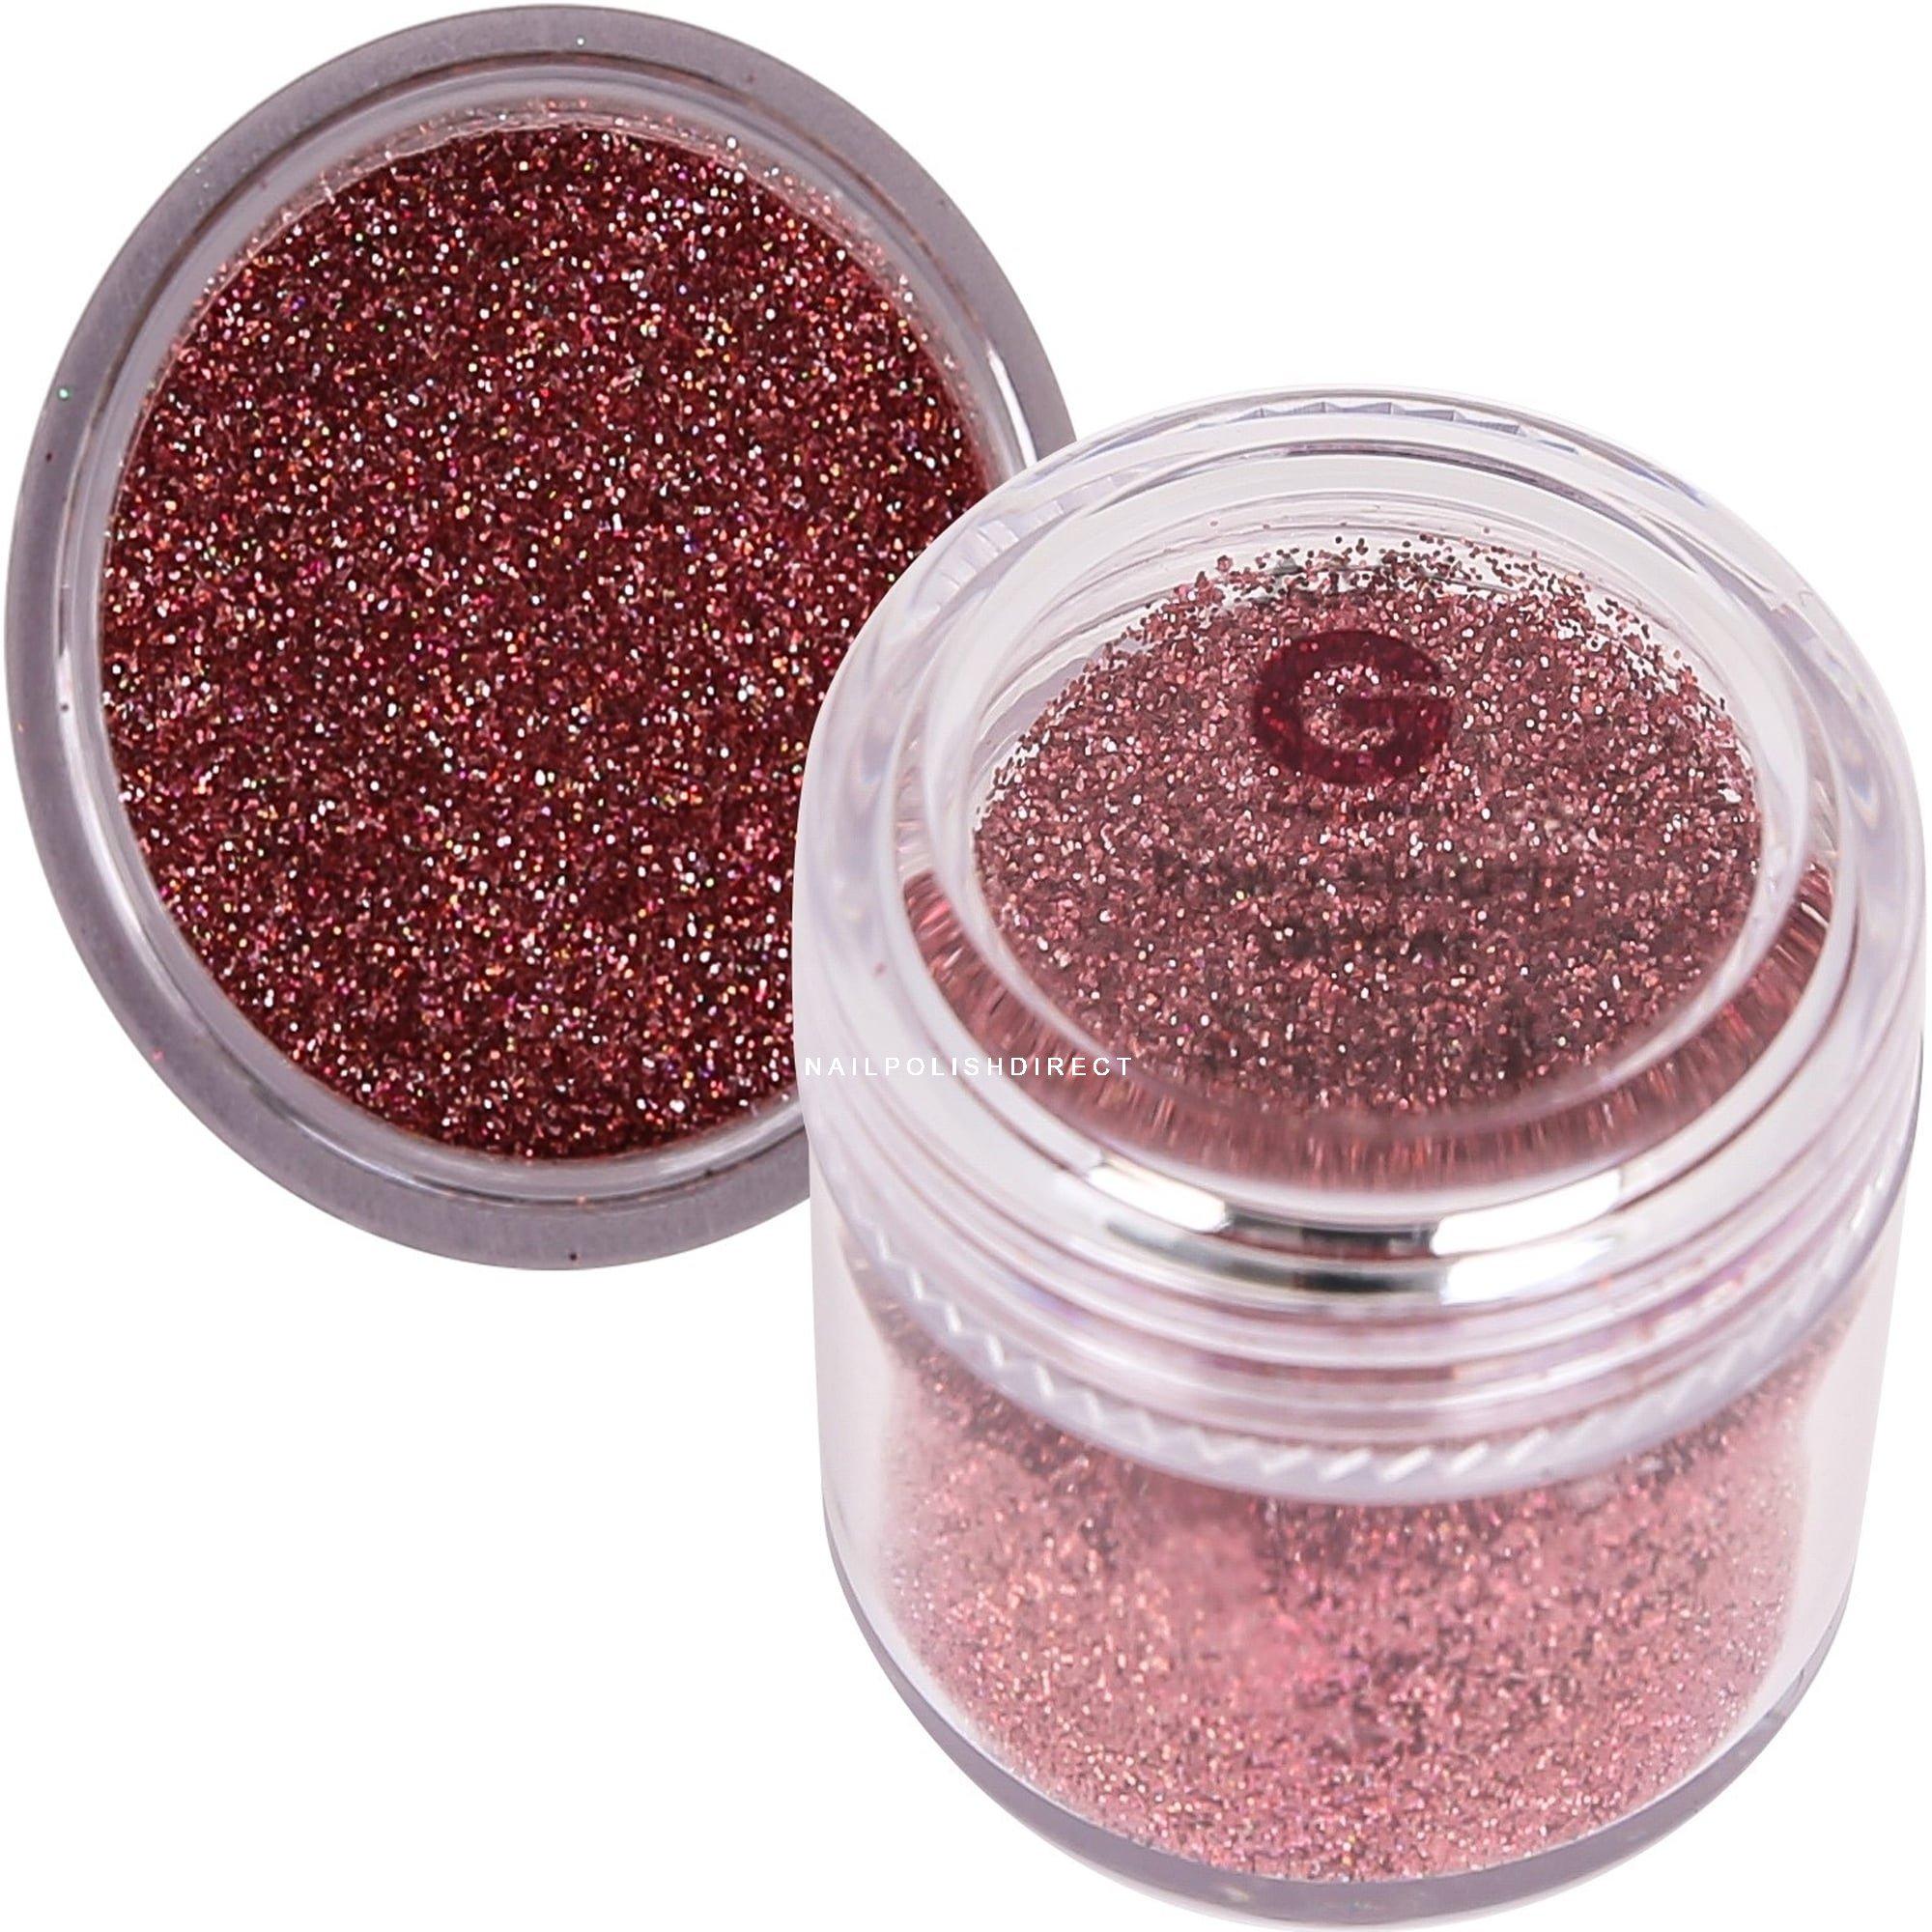 Amy G - Nail Art Glitters - Rose Quartz 8g (3003030)